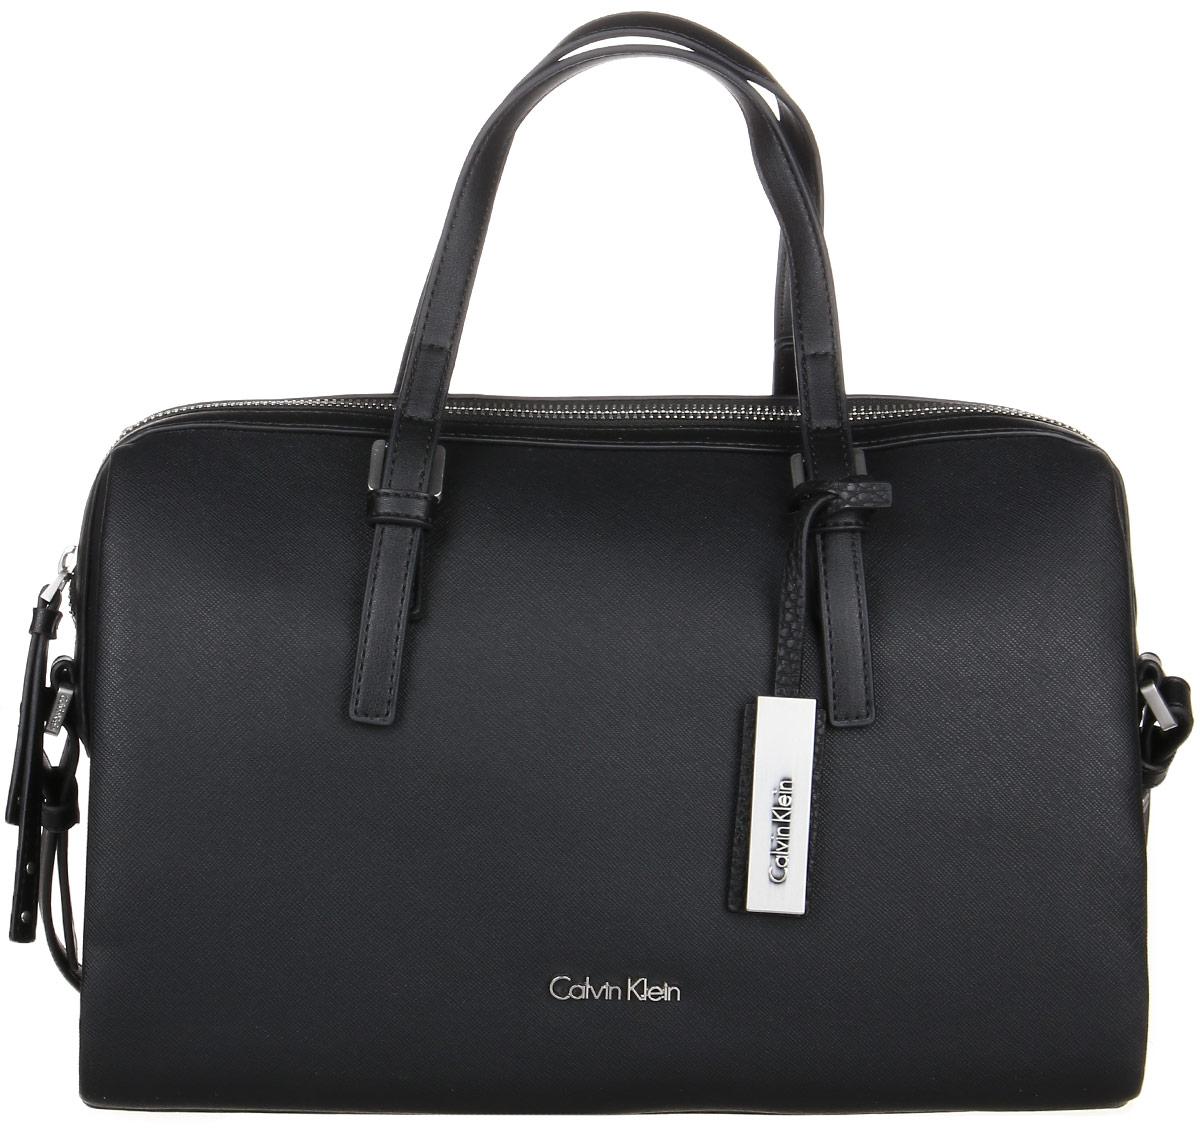 Сумка женская Calvin Klein Jeans, цвет: черный. K60K602160_001K60K602160_001Стильная сумка Calvin Klein Jeans выполнена из поливинилхлорида и полиуретана. Изделие содержит одно большое отделение, которое закрывается на застежку-молнию. Внутри сумки размещено два накладных кармашка для мелочей и один на застежке-молнии. Сумка оснащена плечевым ремнем регулируемой длины. Оформлена модель металлической пластиной с названием бренда и небольшим брелоком. В комплекте с изделием поставляется чехол для хранения.